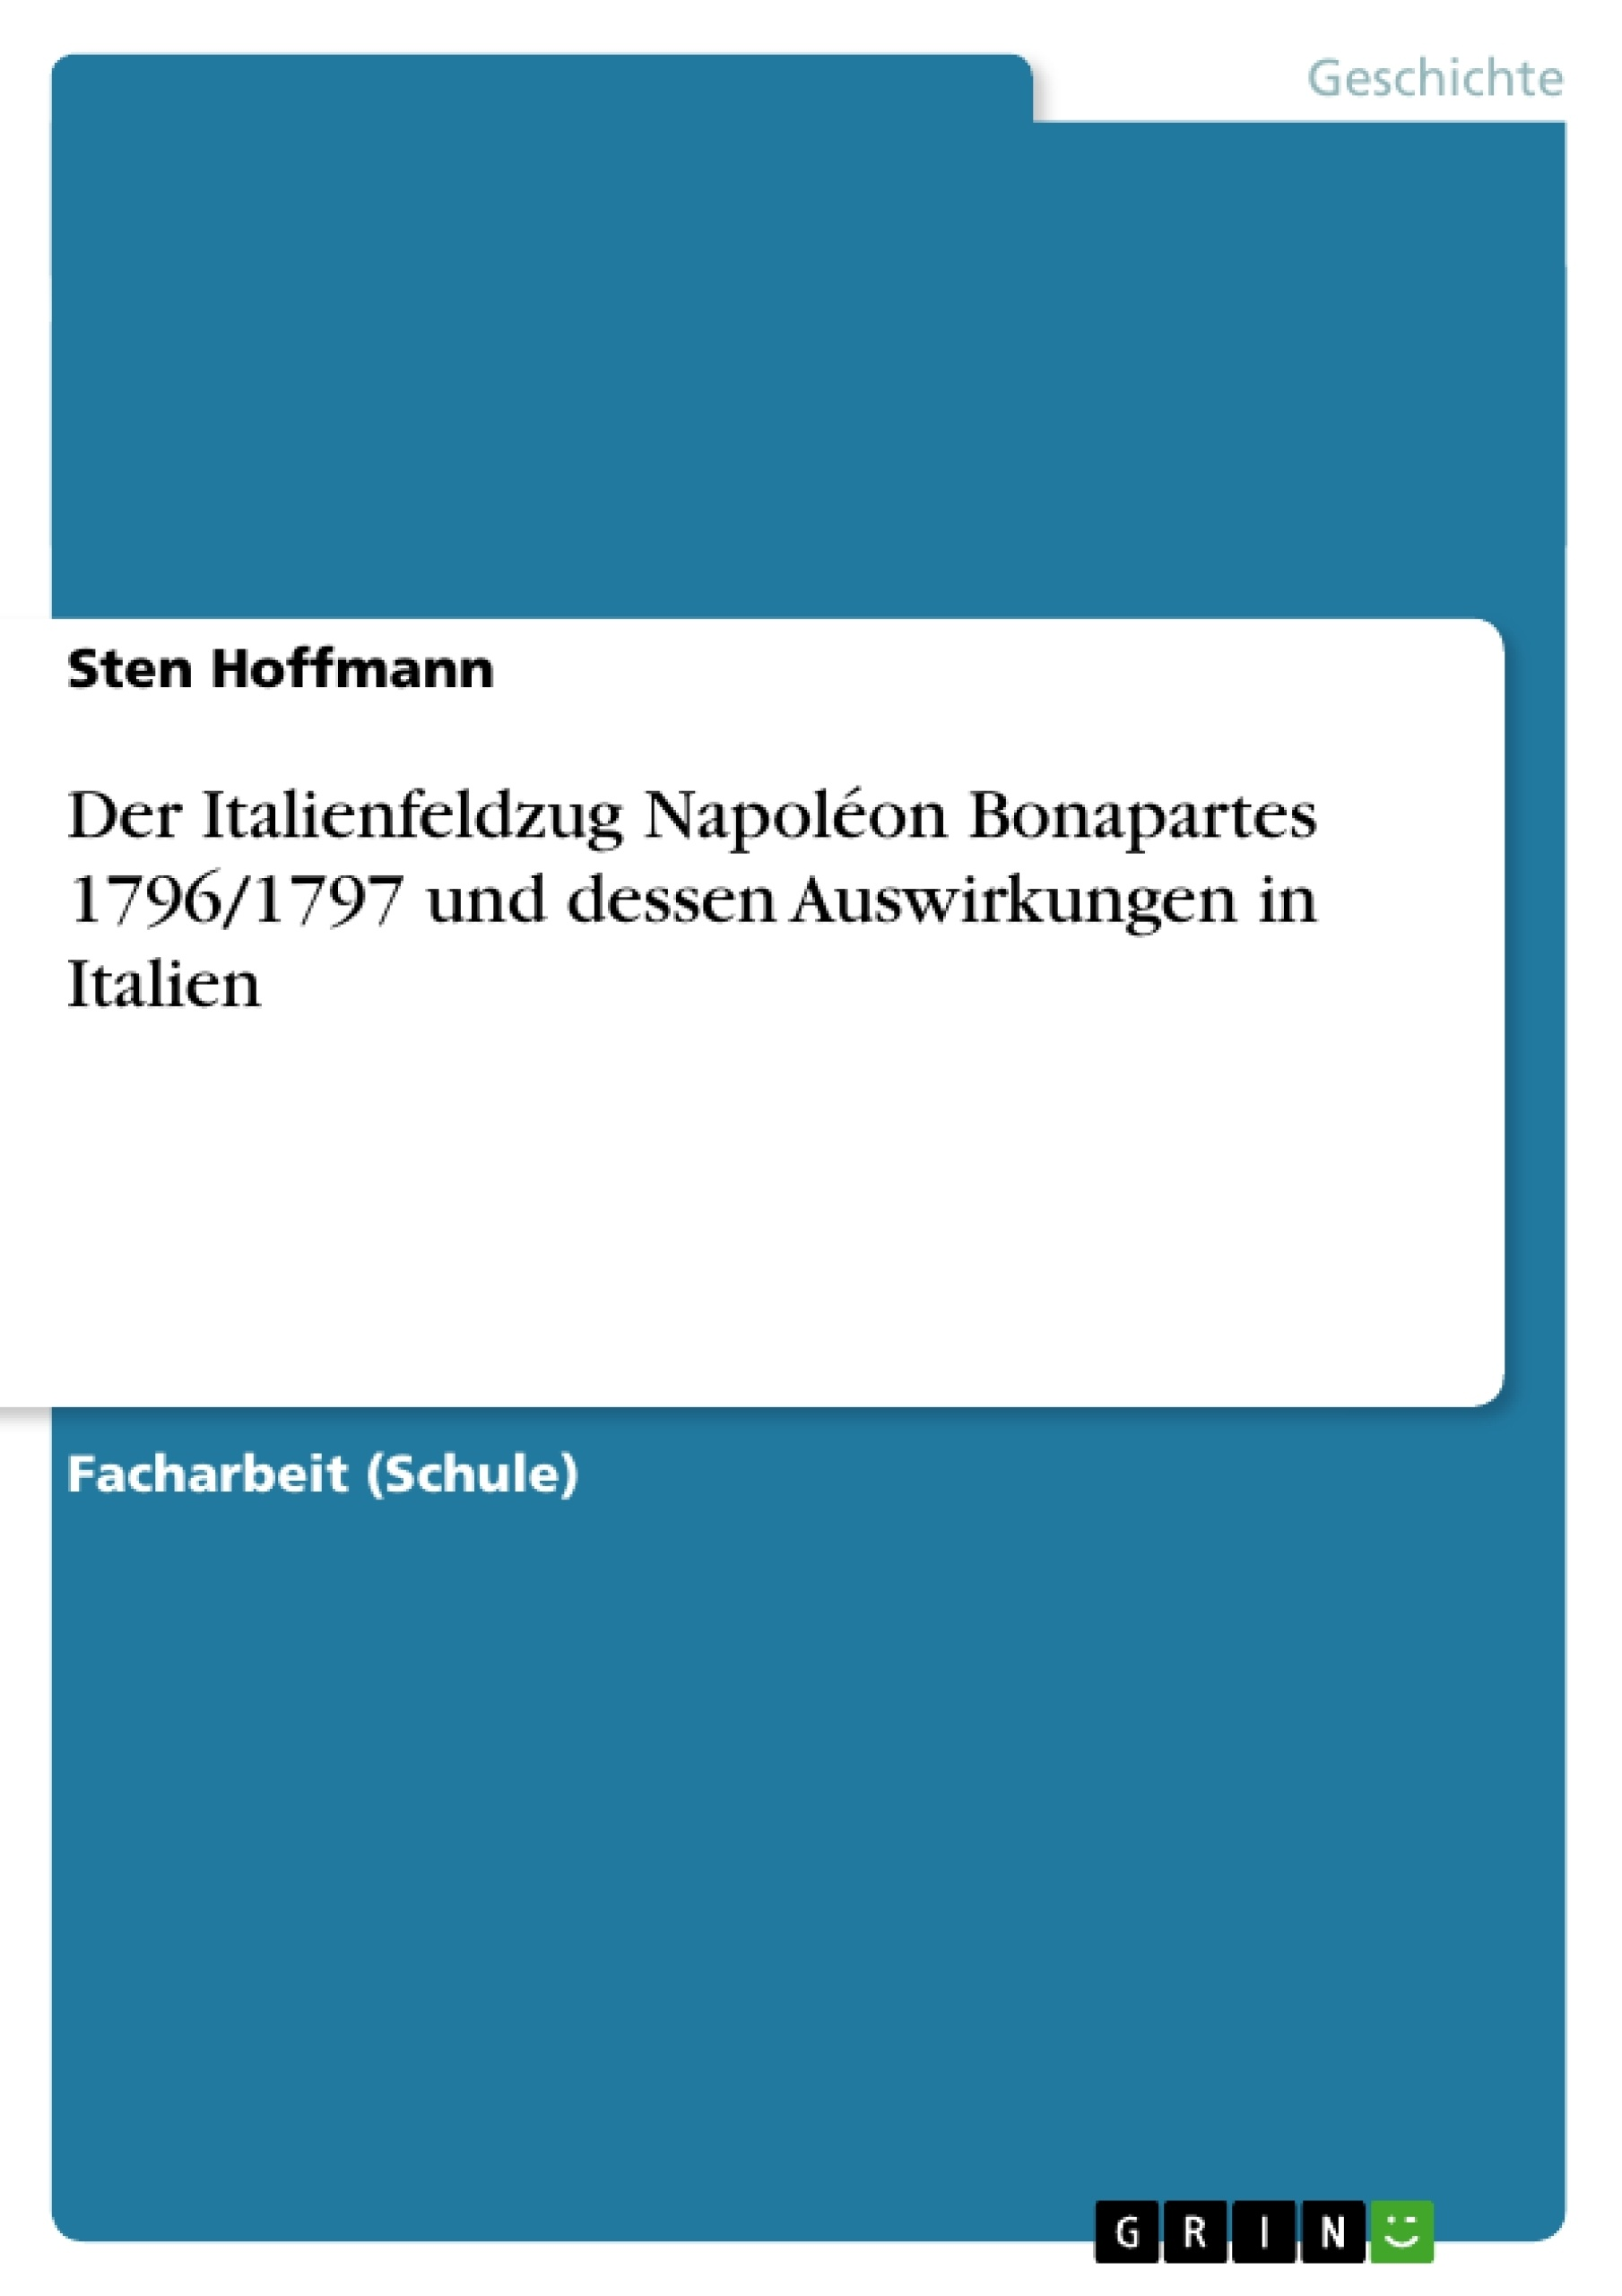 Titel: Der Italienfeldzug Napoléon Bonapartes 1796/1797 und dessen Auswirkungen in Italien